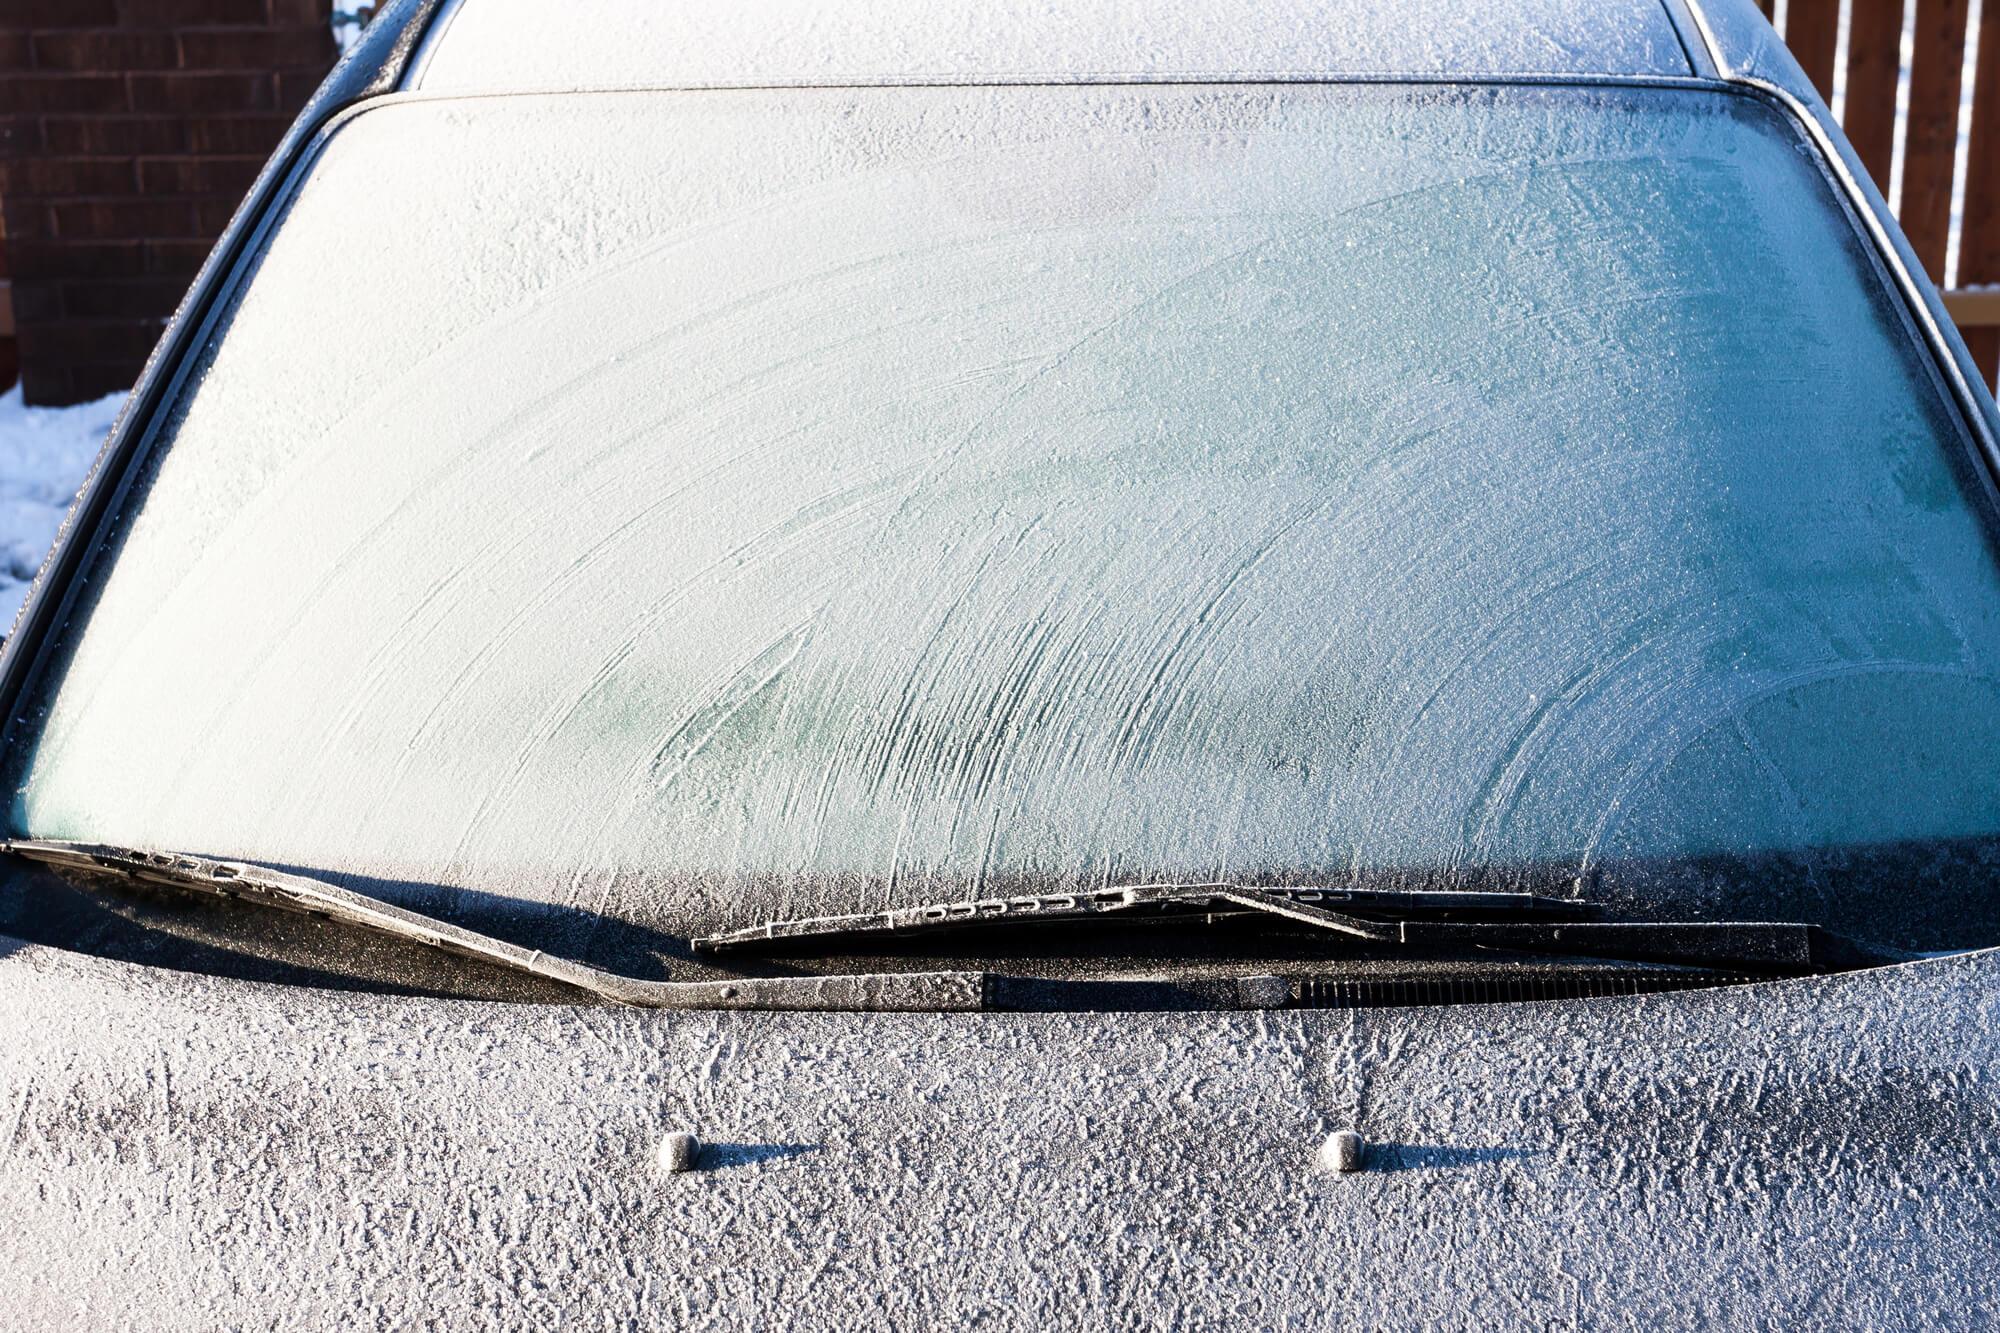 エタノールが効果的!?凍結した自動車のフロントガラスを一瞬で溶かす方法